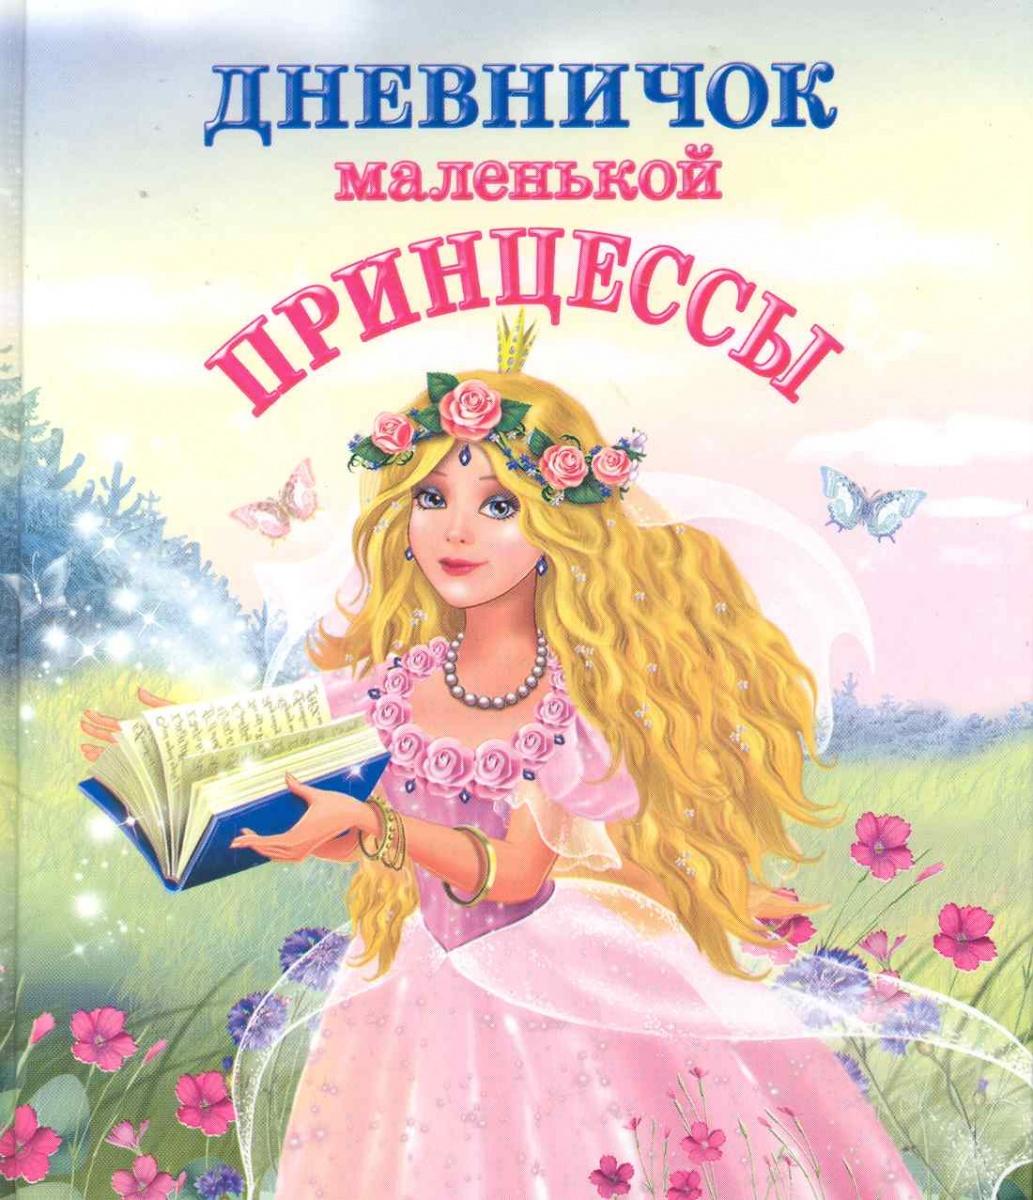 Дмитриева В. Дневничок маленькой принцессы секреты маленькой принцессы isbn 9785402000568